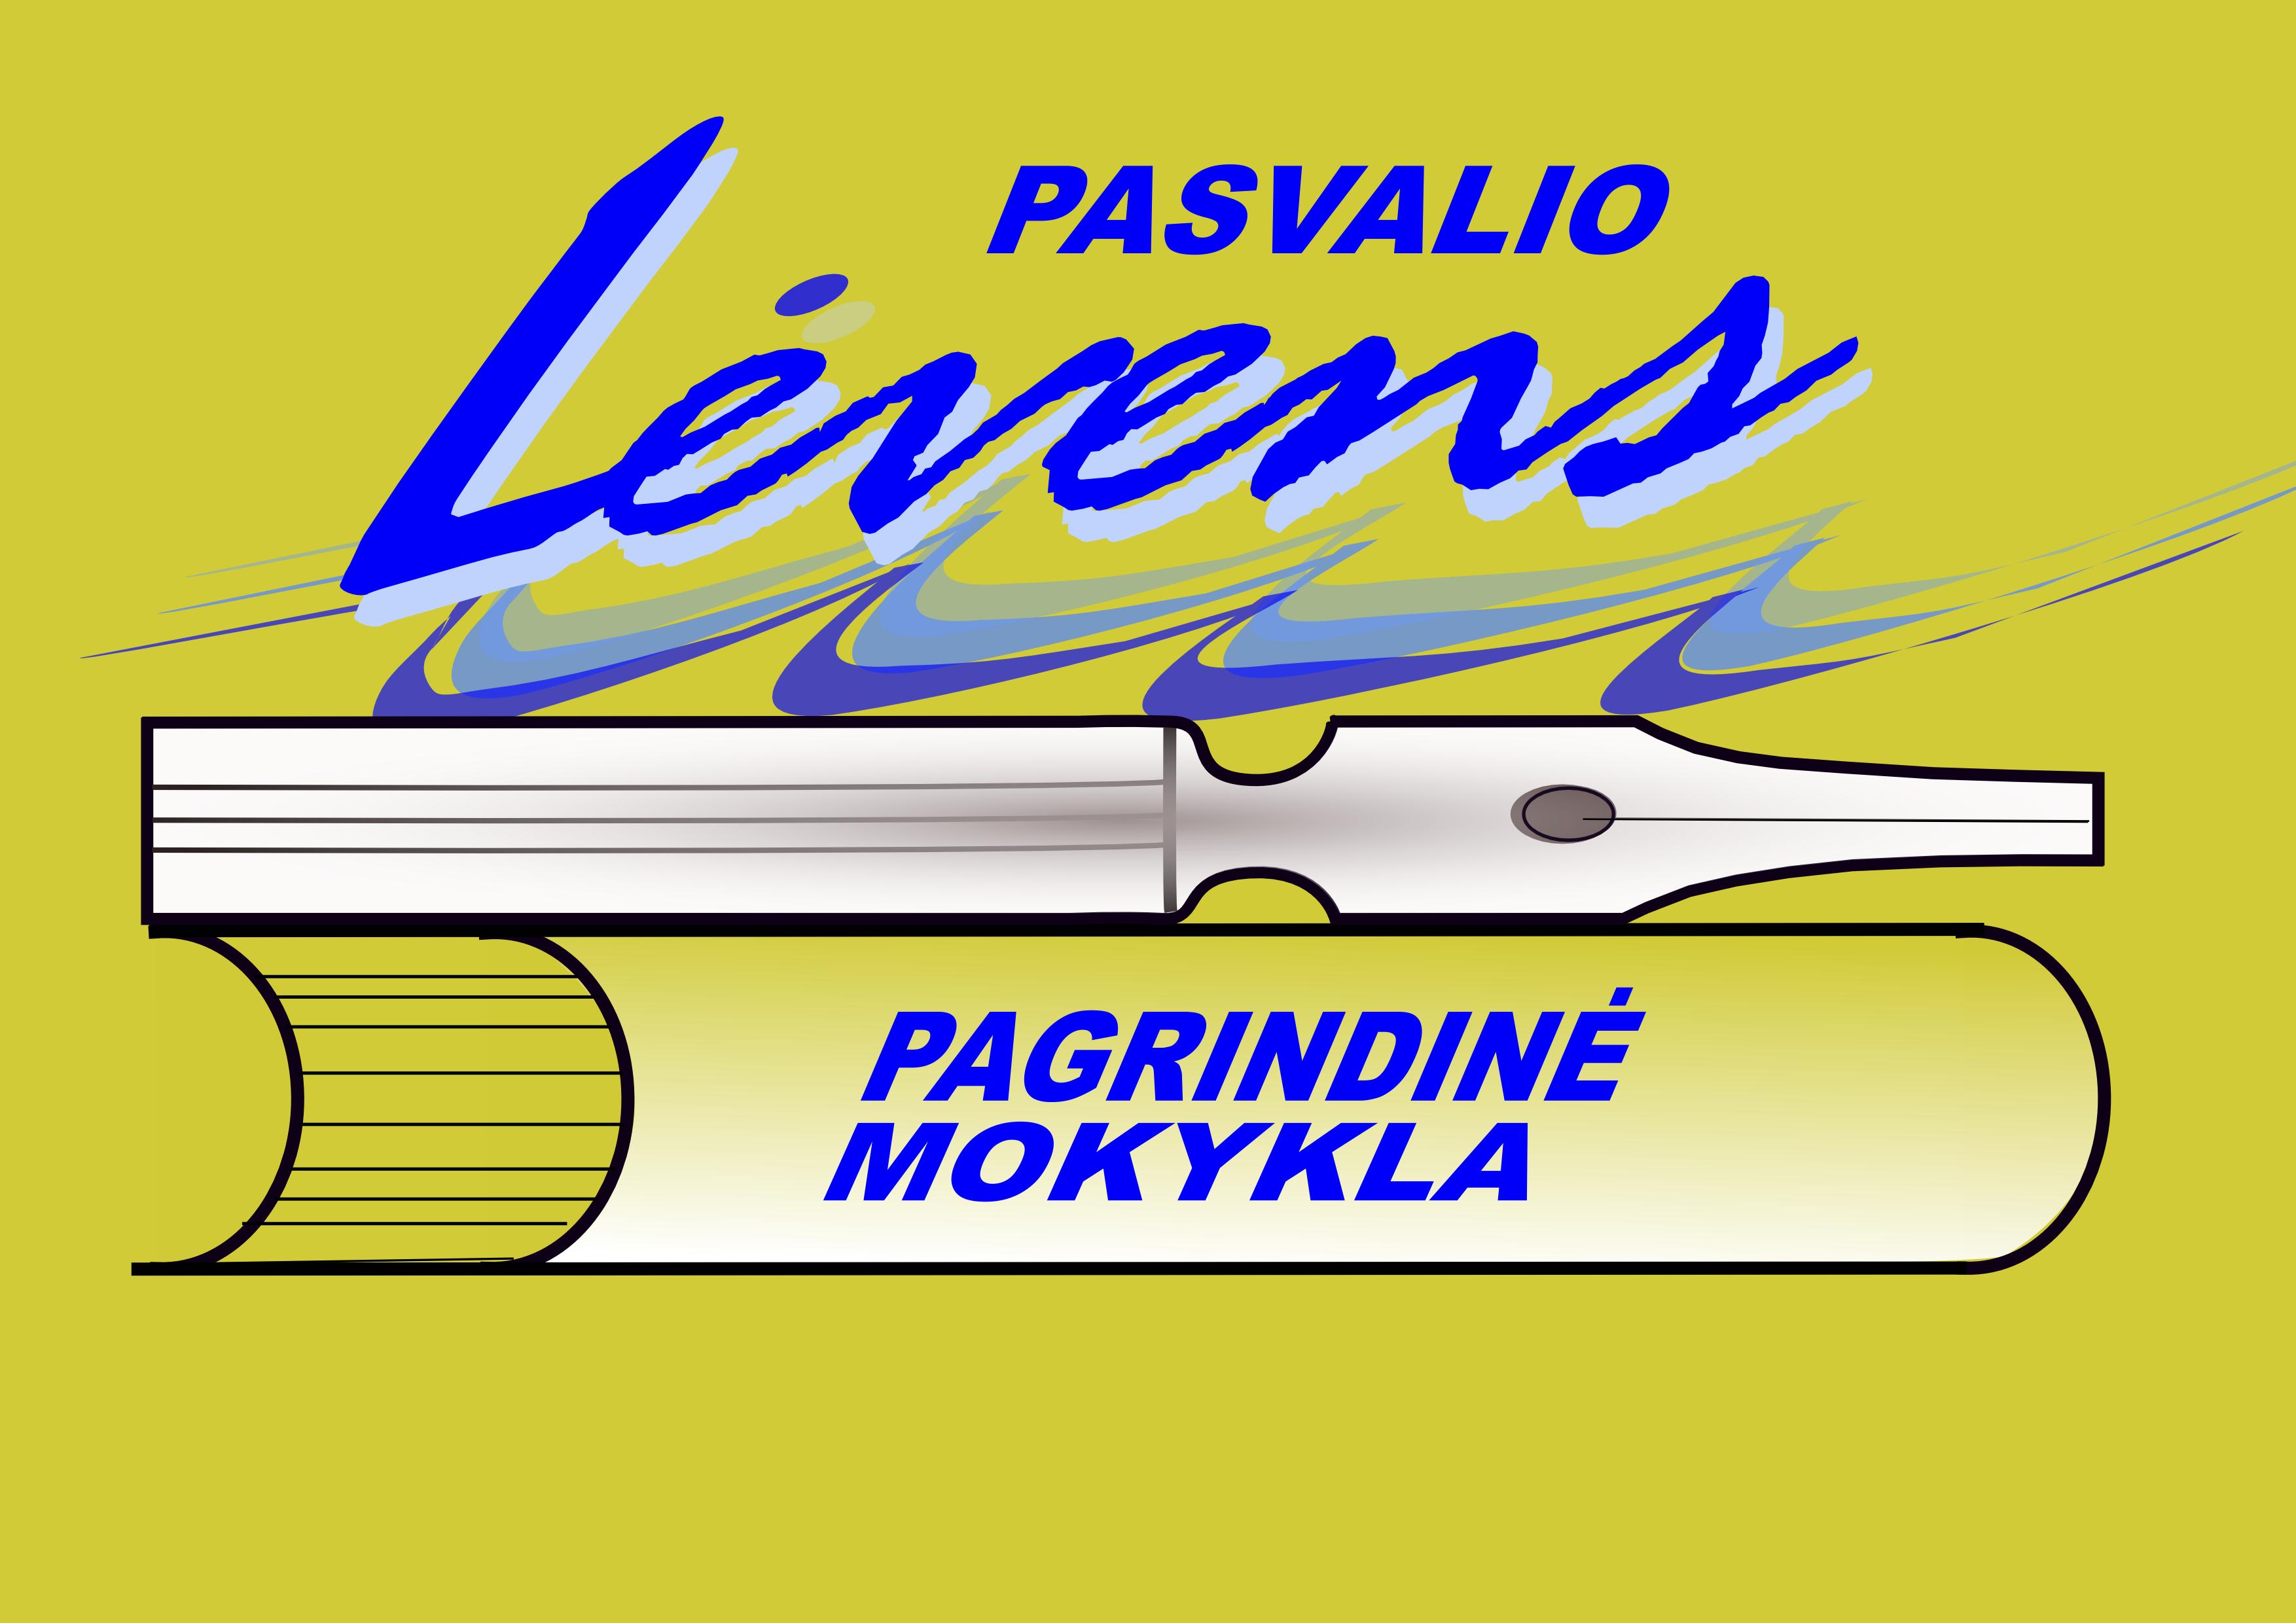 Pasvalio Levens pagrindine mokykla